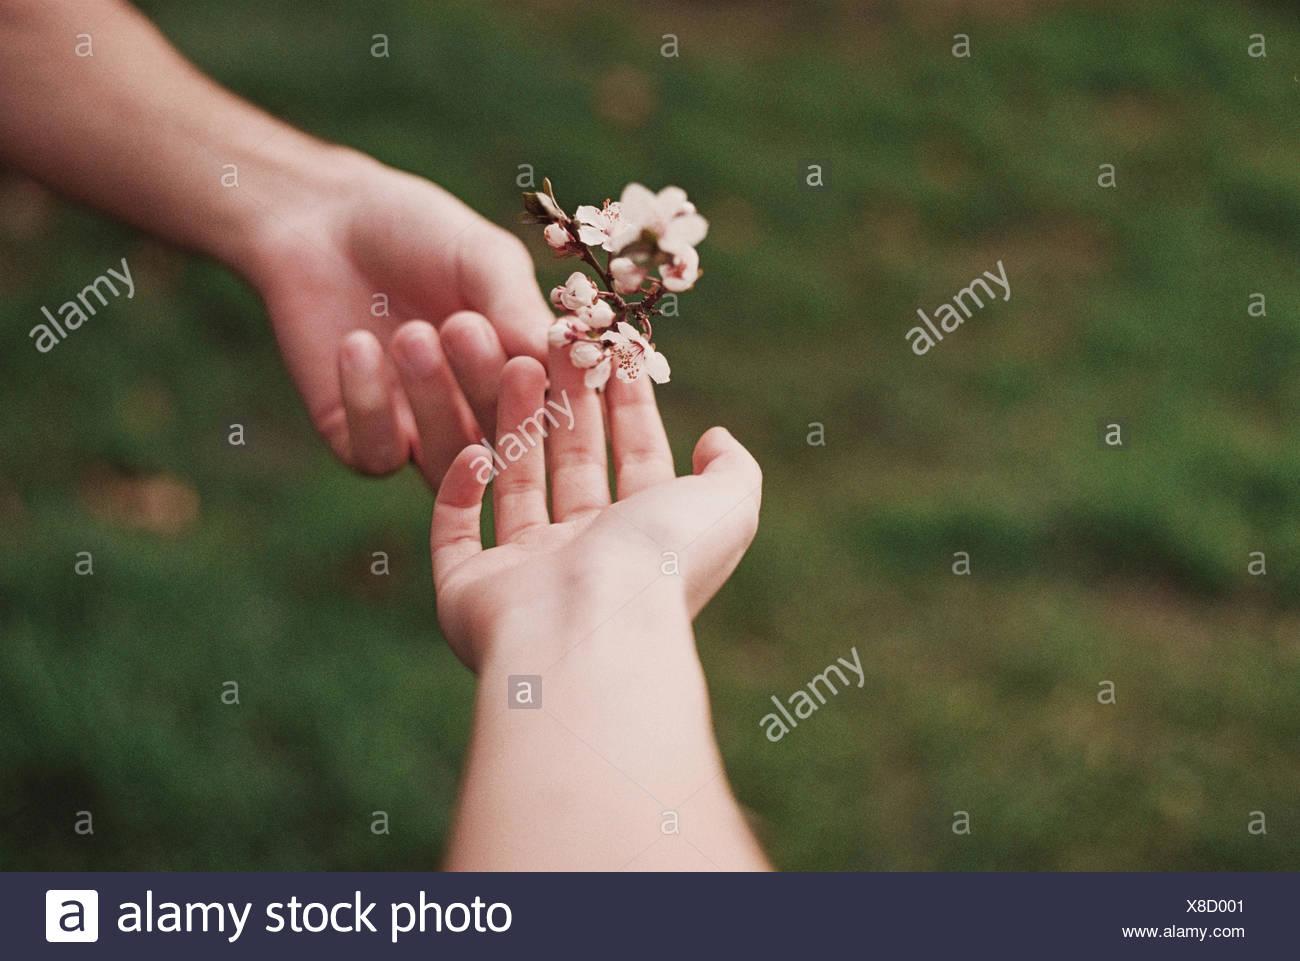 Deux personnes partageant flower Photo Stock